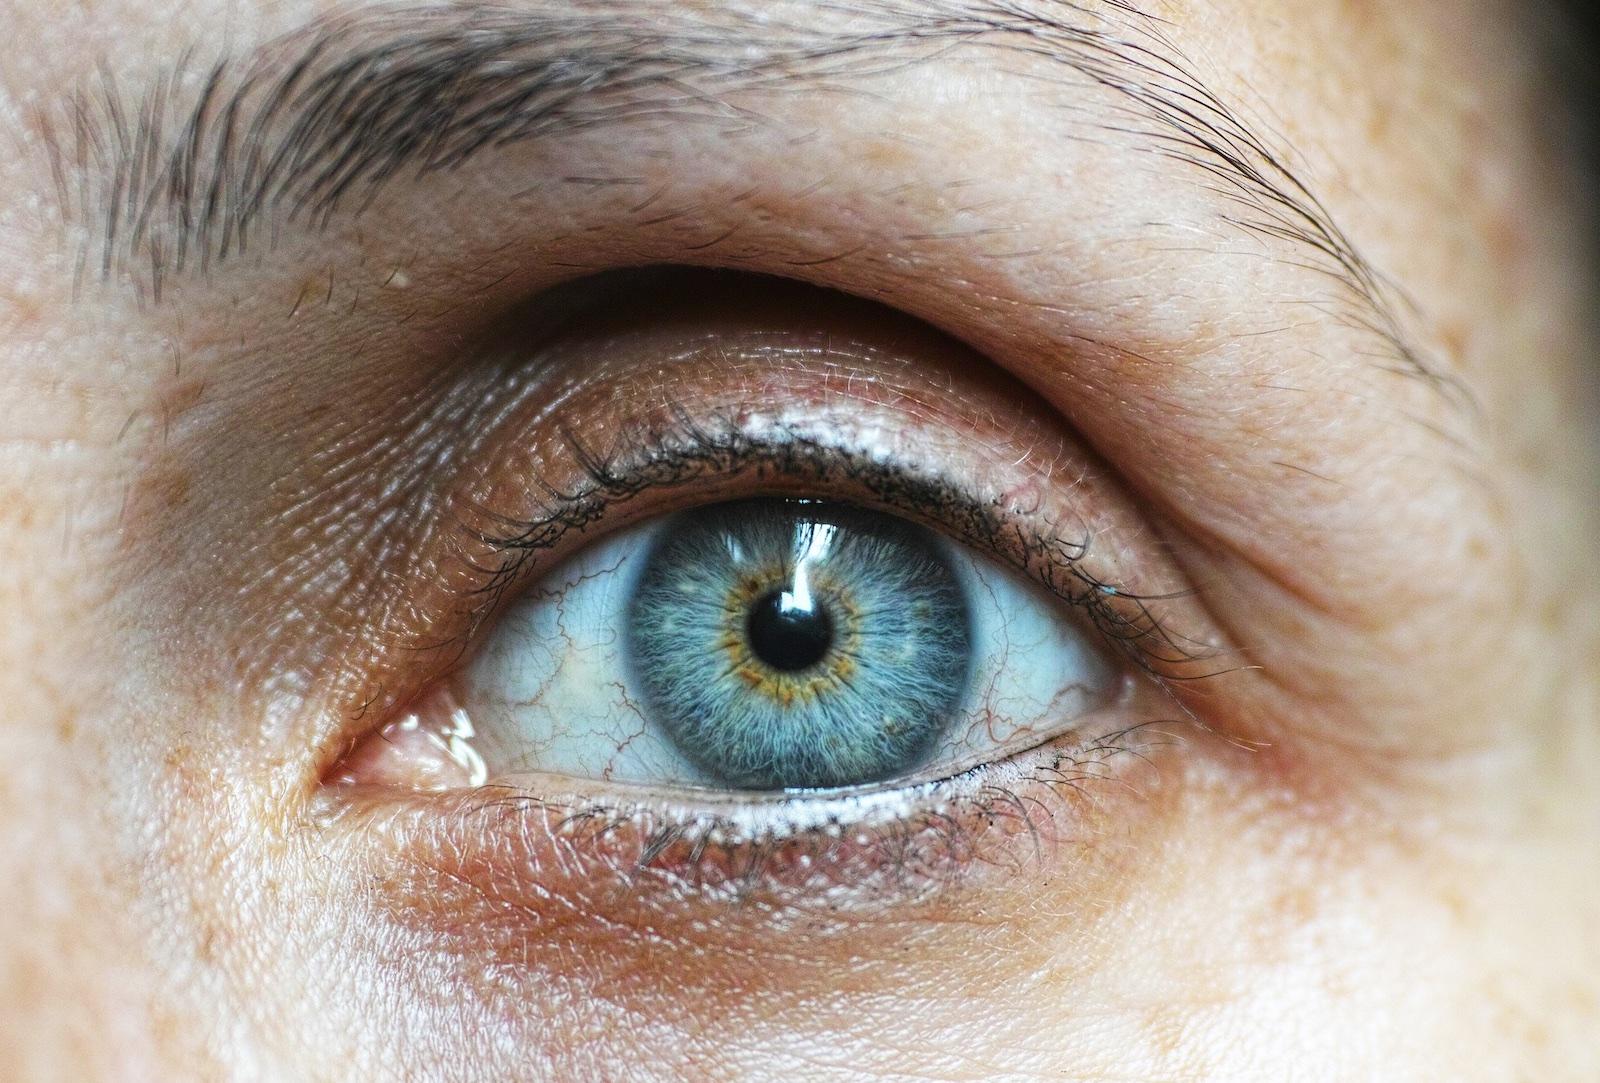 viziunea 2 5 dioptrii boli de dispreț